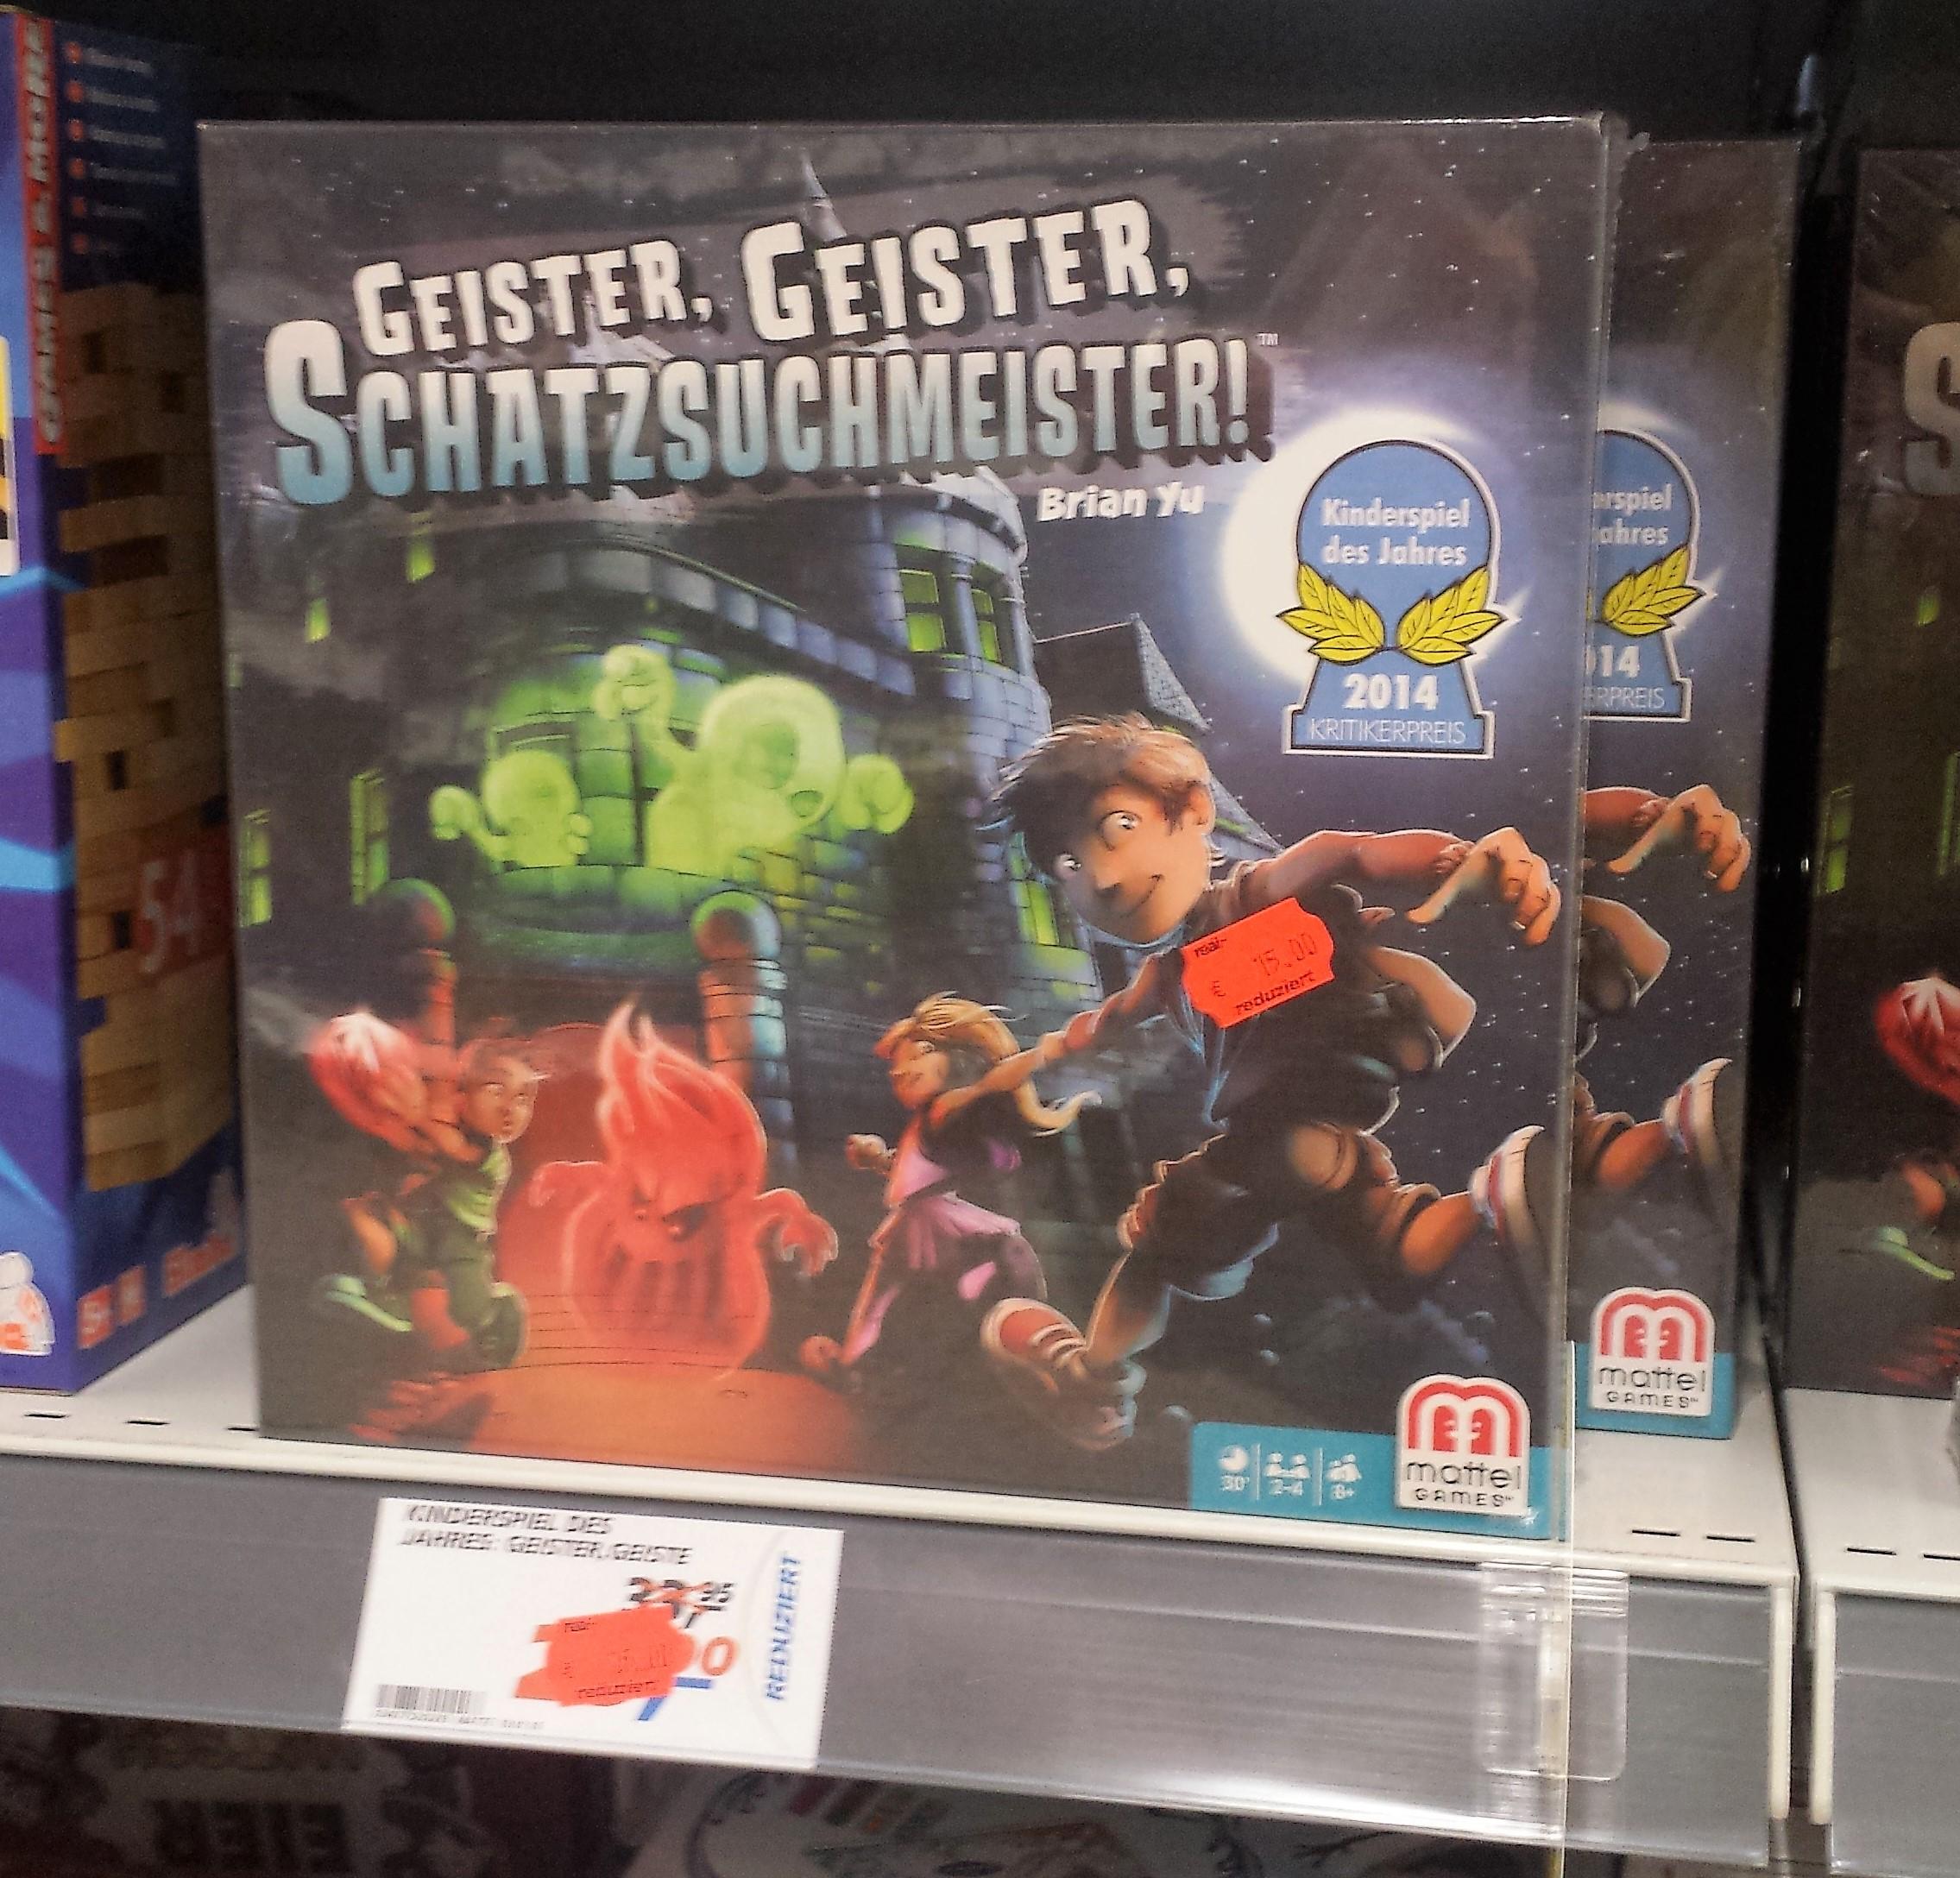 [Lokal? REAL Ravensburg] Kinderspiel des Jahres 2014: Geister, Geister Schatzsuchmeister